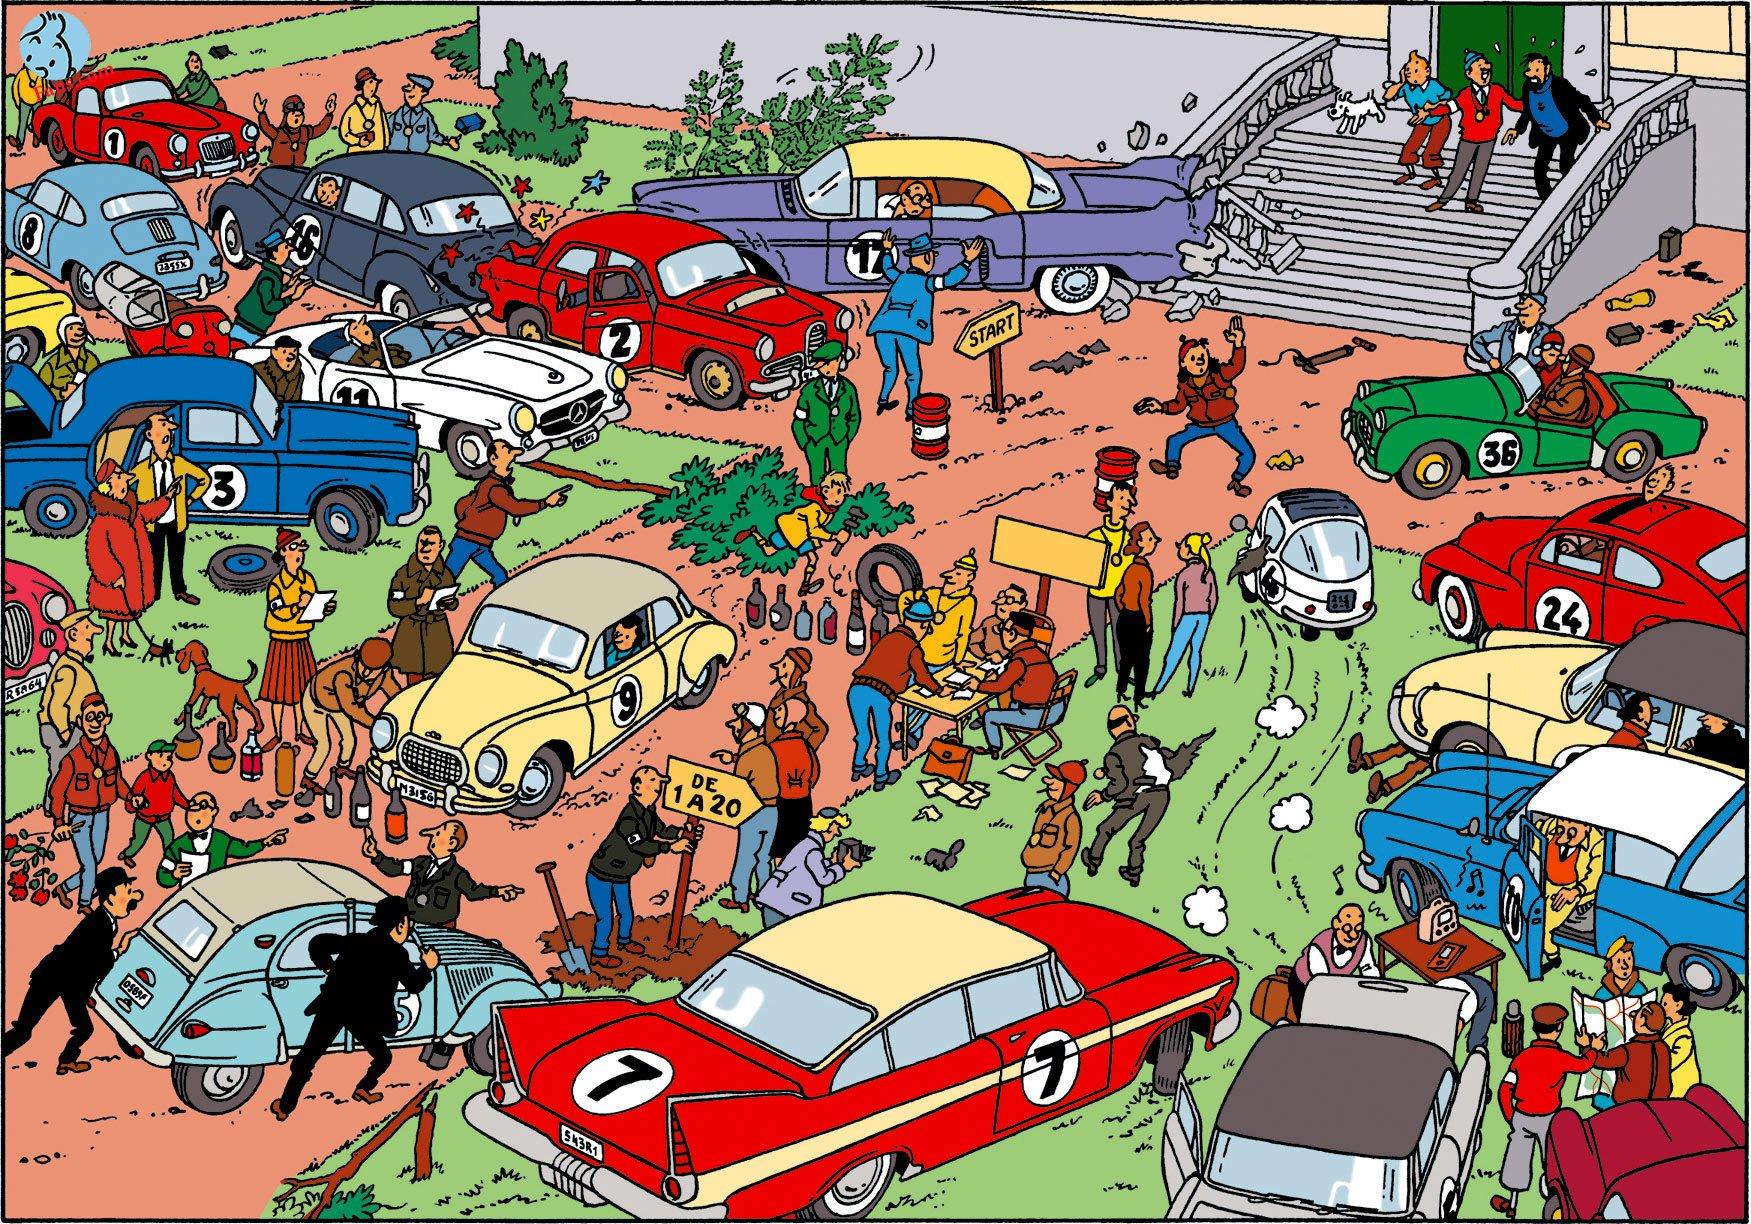 هرژه عاشق ماشین های اسپورت بوده !